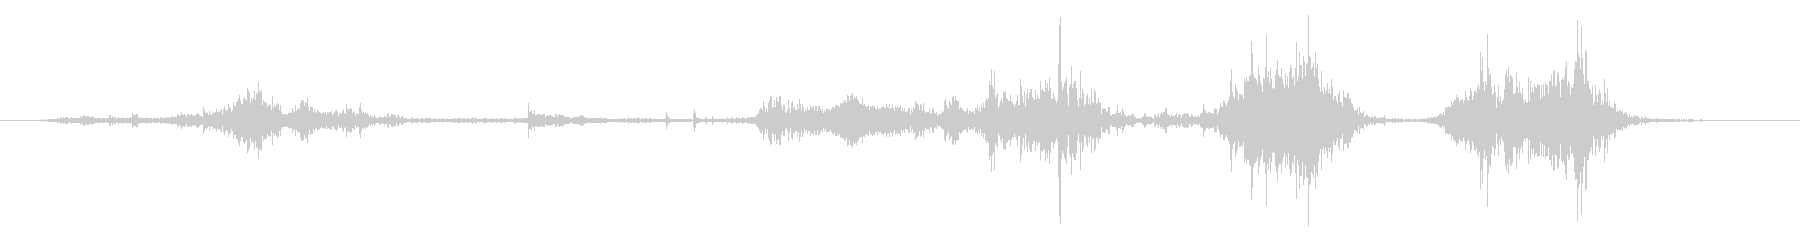 ミディアムメタルピース:Gritt...の未再生の波形